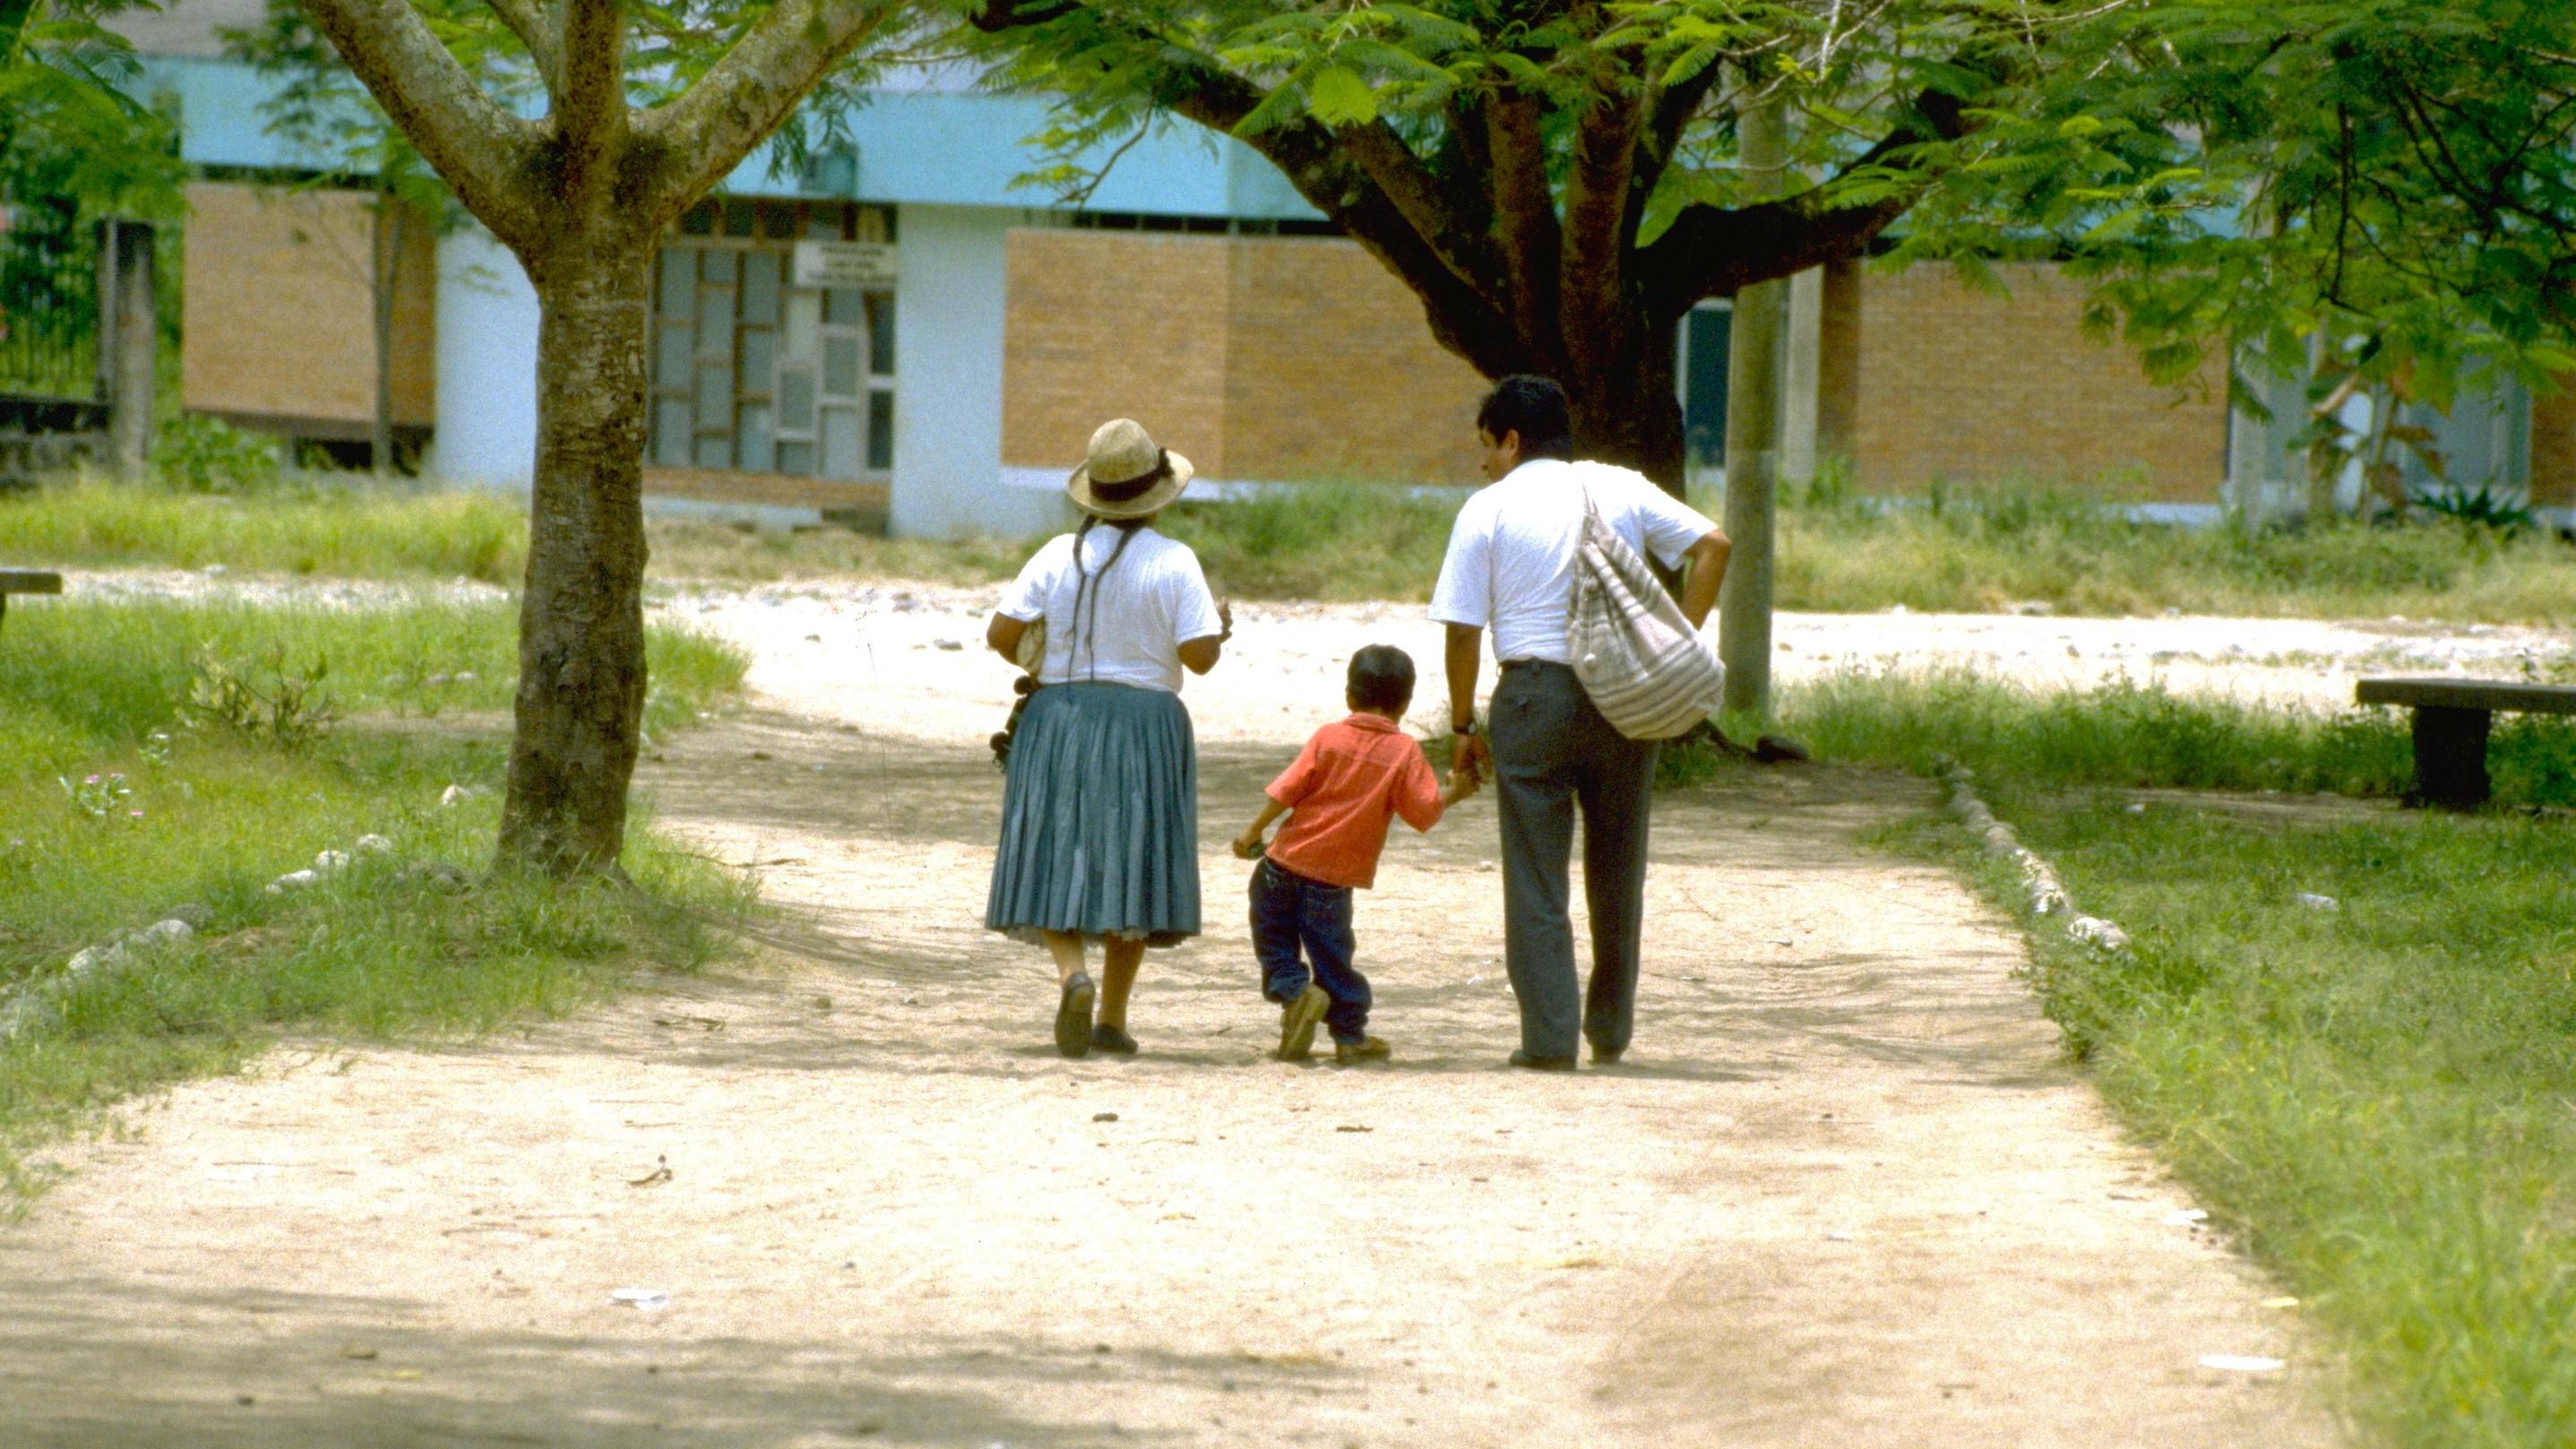 El Dr. Roger Zapata lleva de la mano a Luis Fermín Tenorio Cortez, que camina junto a su abuela